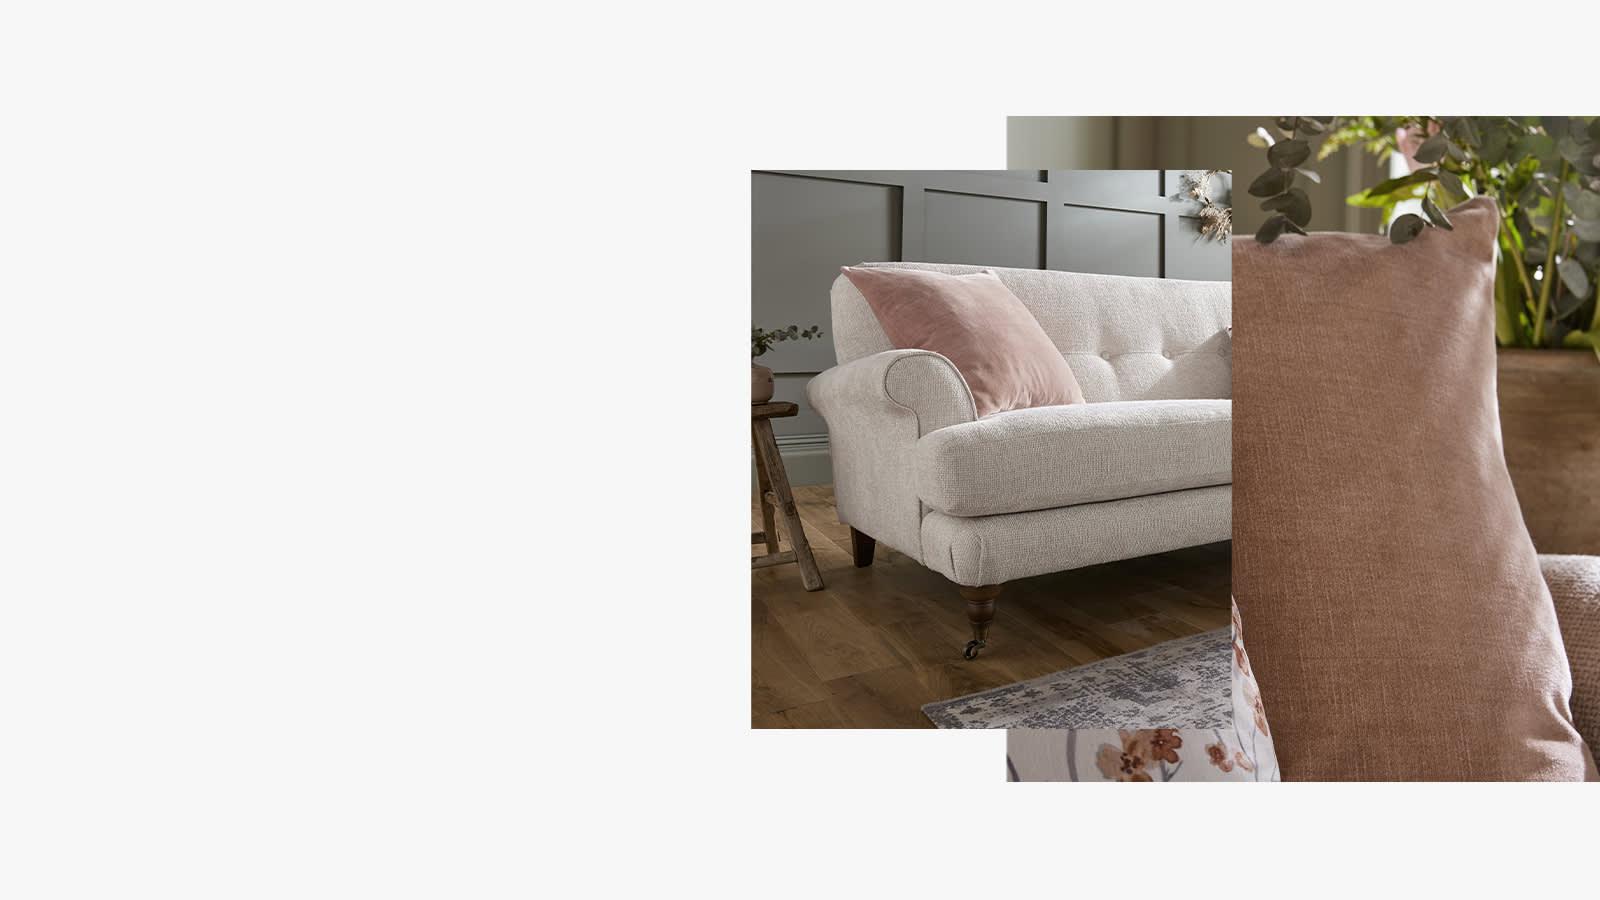 Sofology Freesia sofa